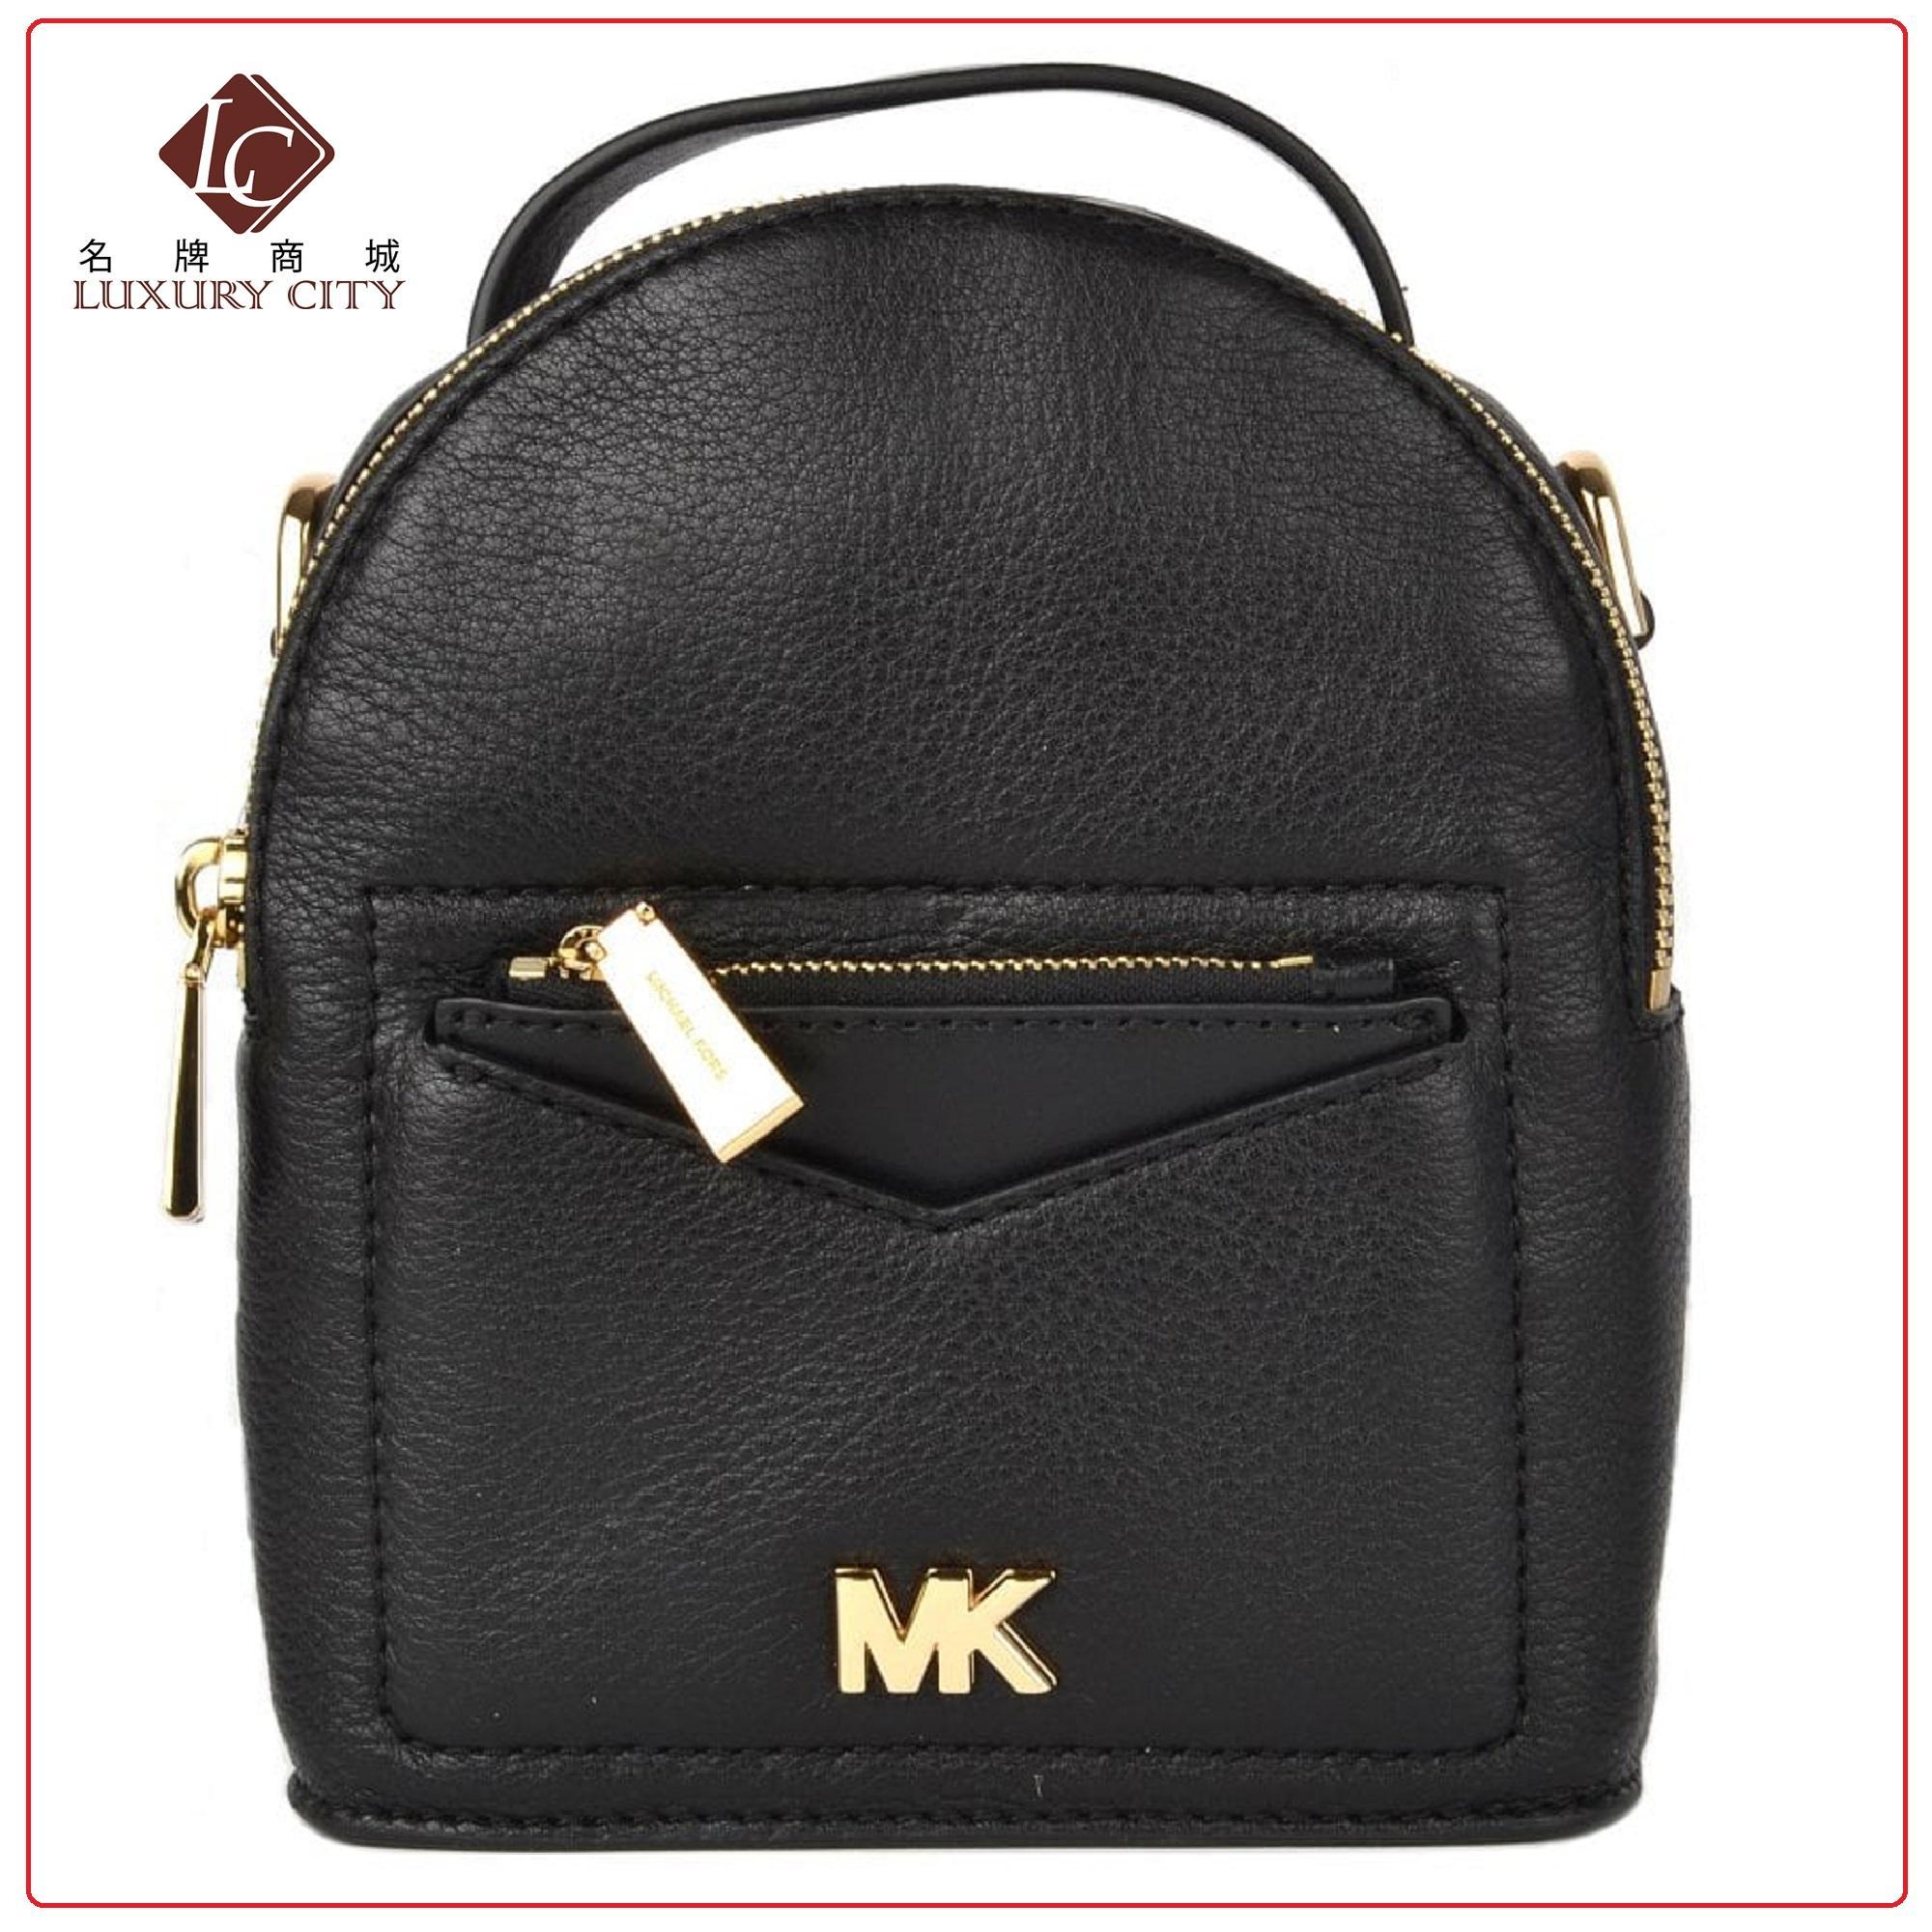 6a0601d1b226 Michael Kors Jessa Extra Small Black Convertible Backpack MK-30T8GEVB0L ( Black)